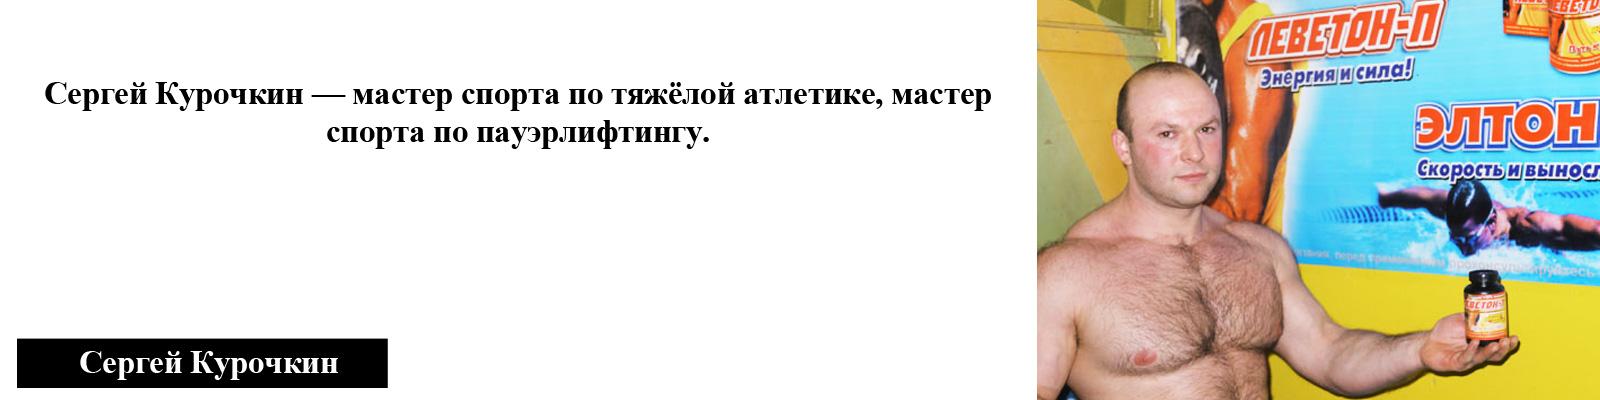 Мастер спорта по тяжелой атлетике Сергей Курочкин